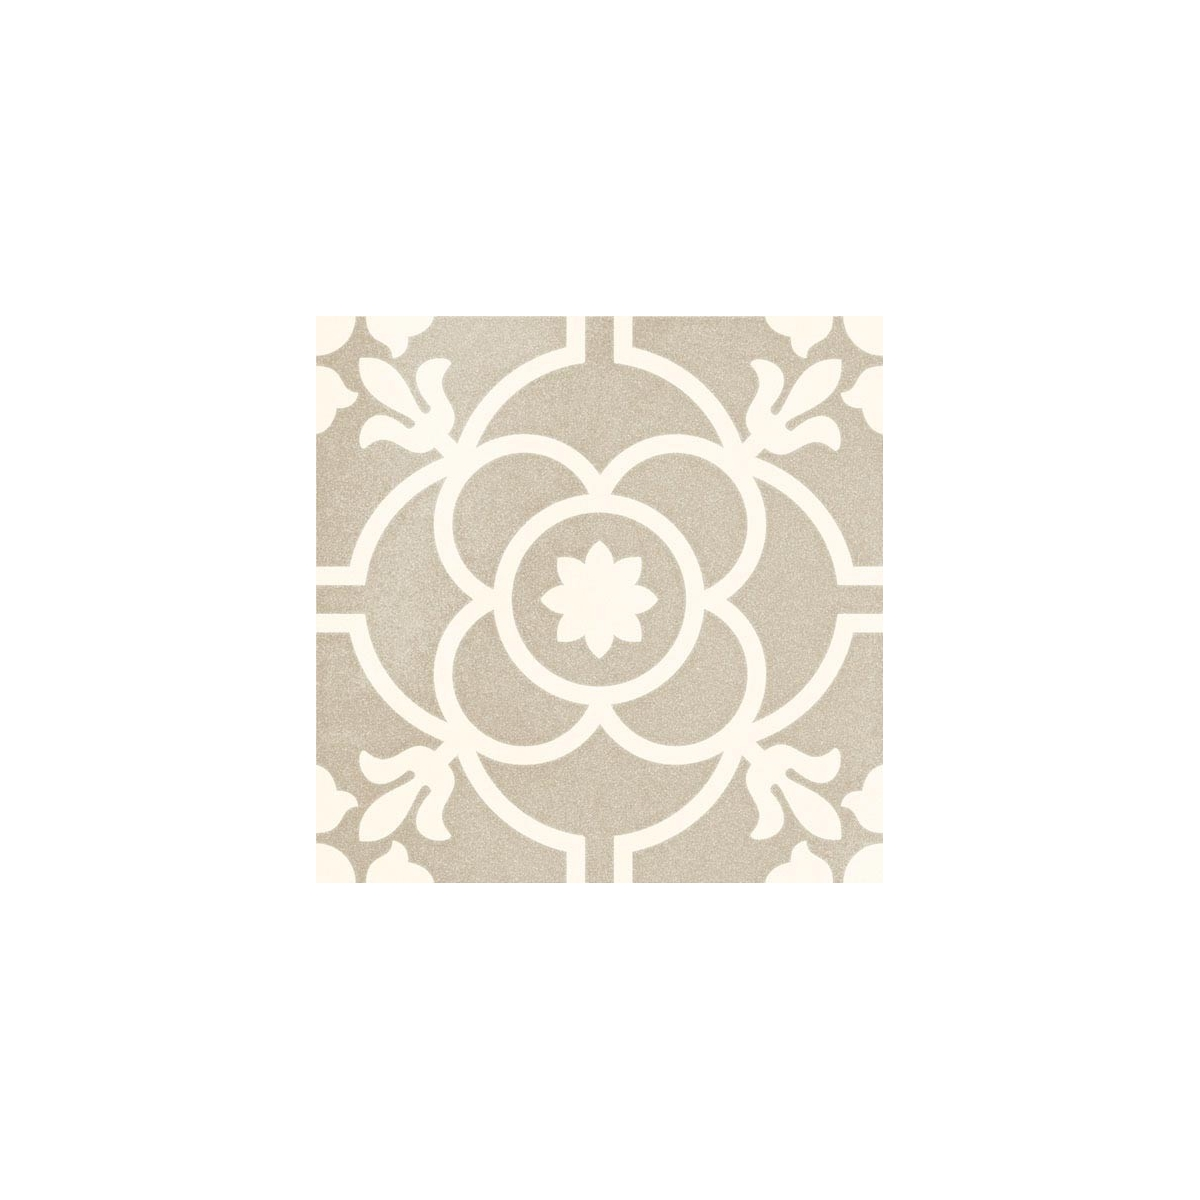 Blomknopp Siena 20x20 - Pavimento porcelánico serie Svenska